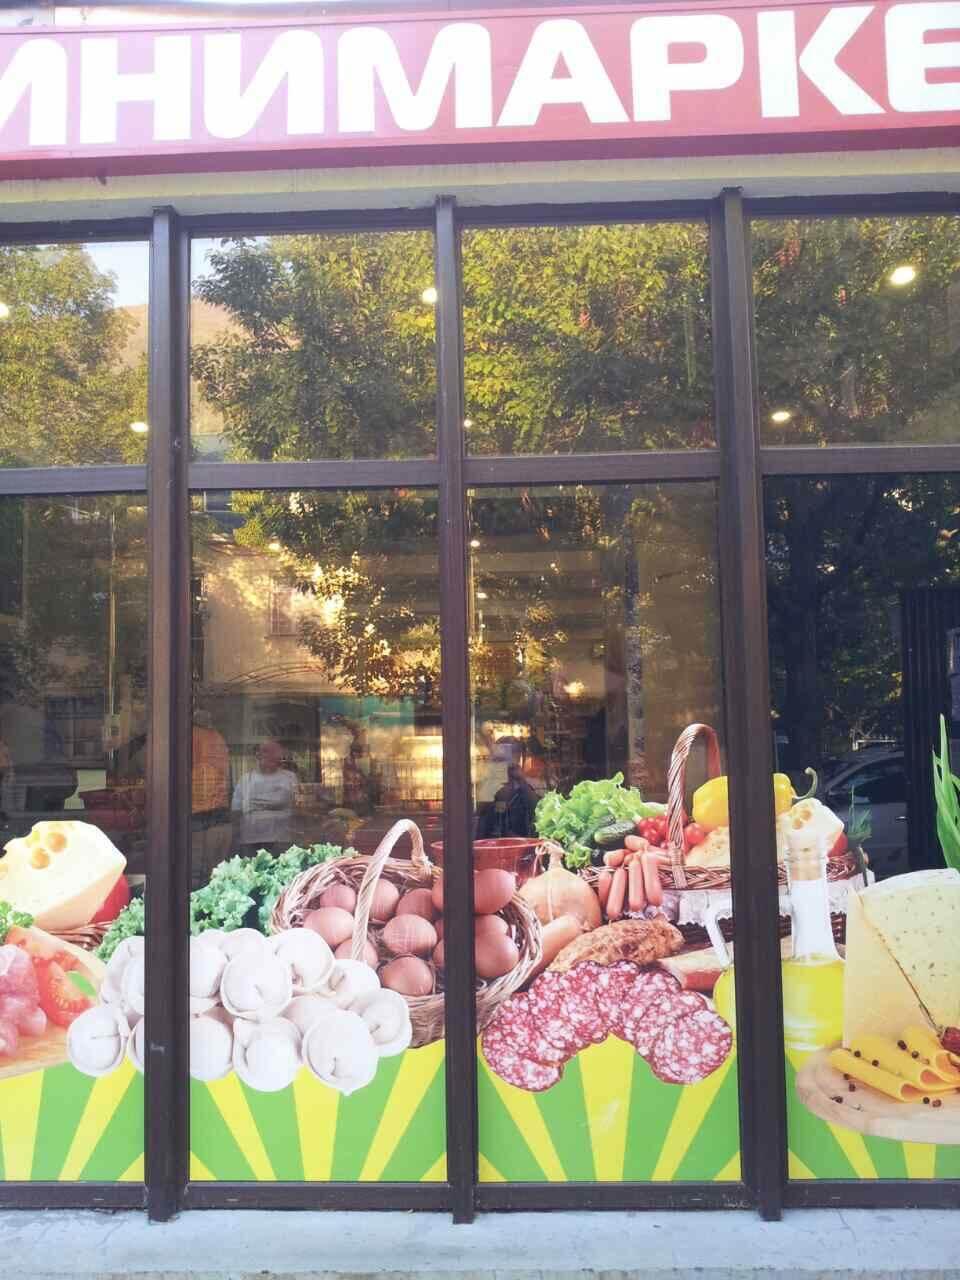 Абхазия Гагра цены на продукты питания в магазинах. Мини маркет рядом с нашим гостевым домом.